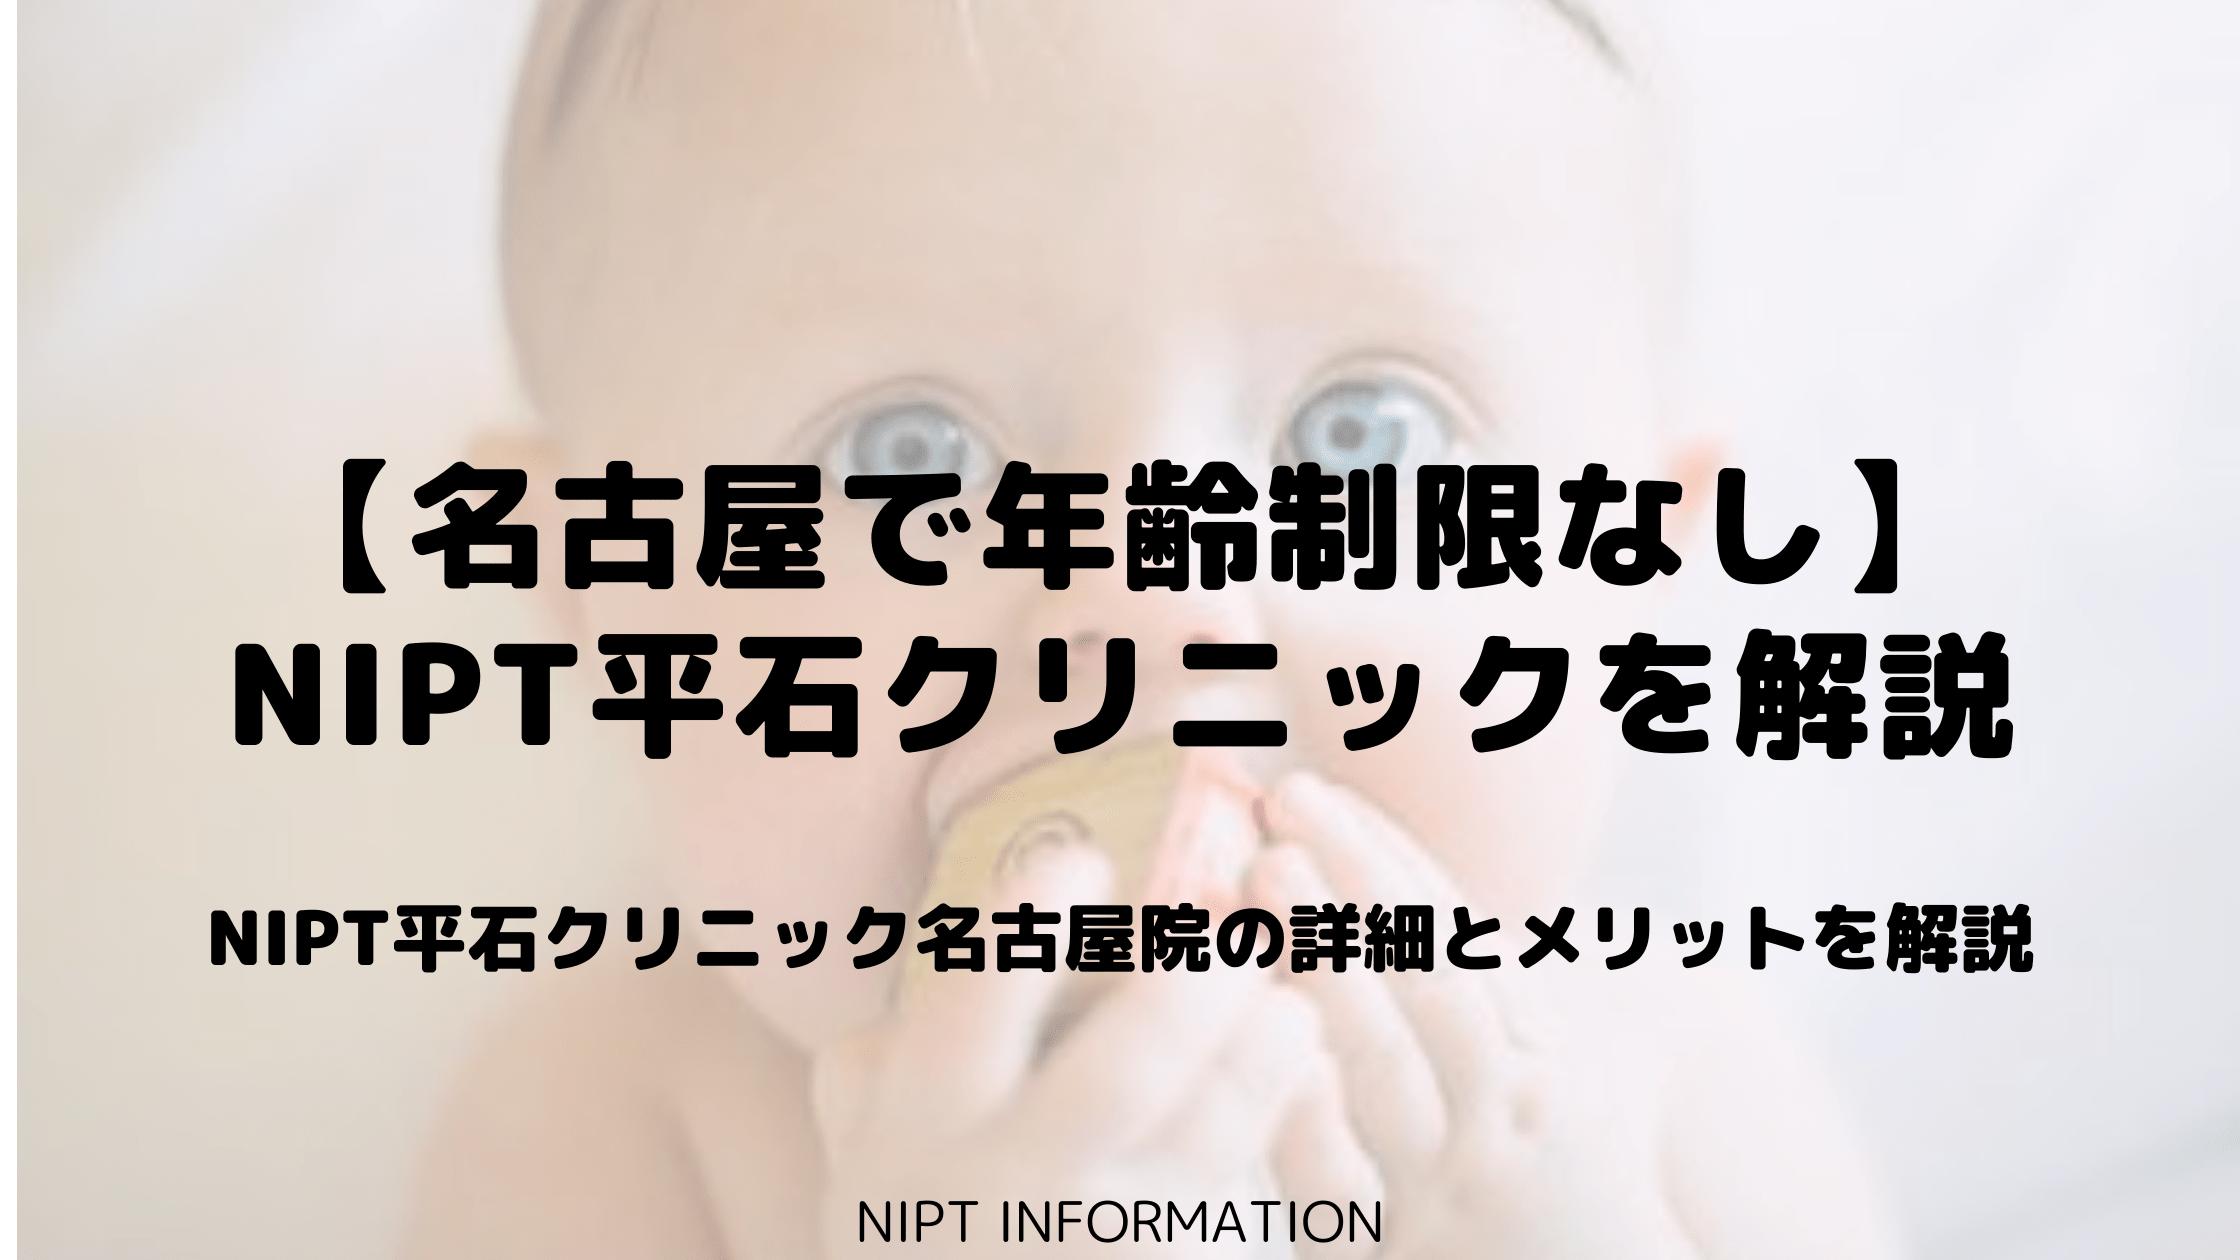 名古屋で年齢制限なしのNIPTクリニックを紹介-min